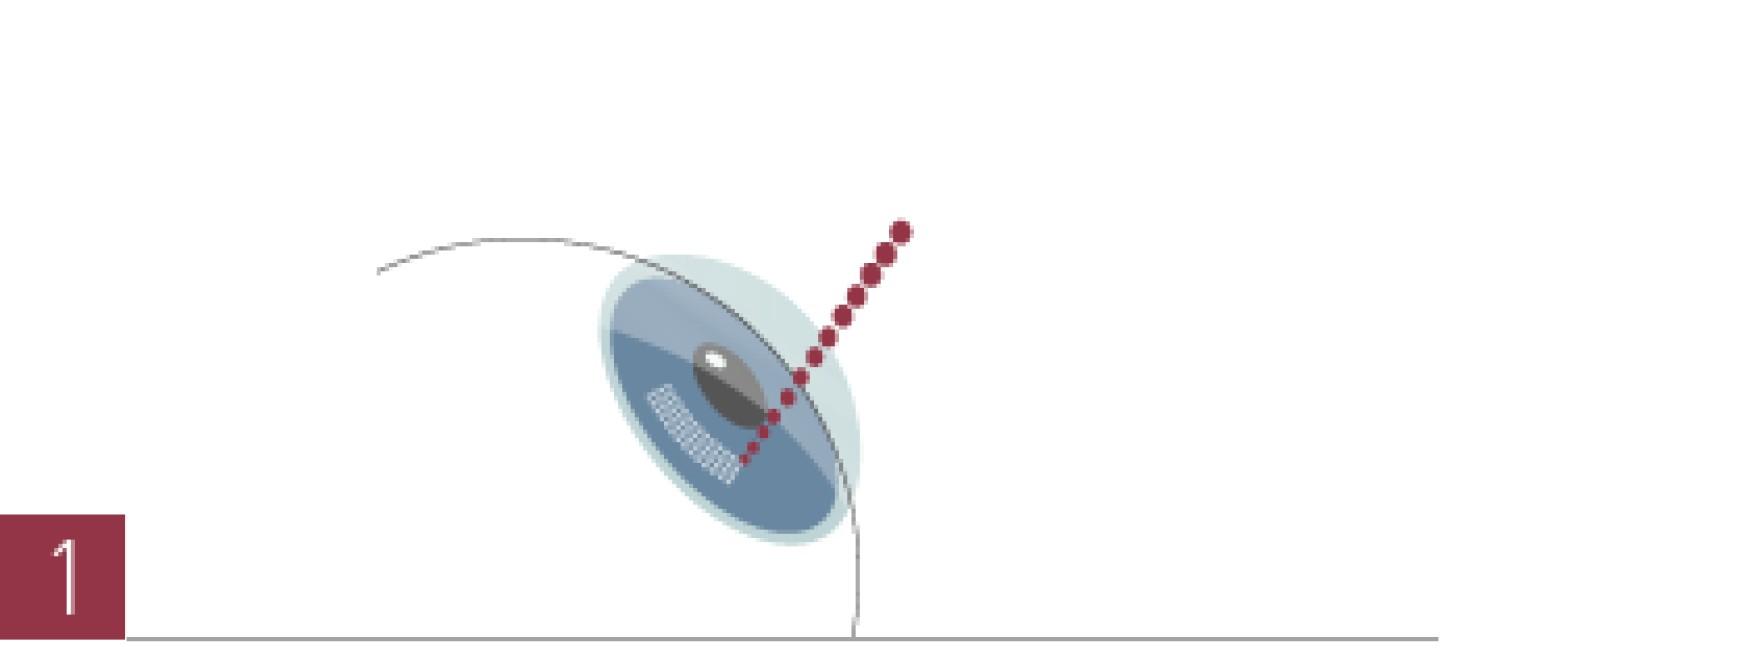 圆锥角膜的手术过程